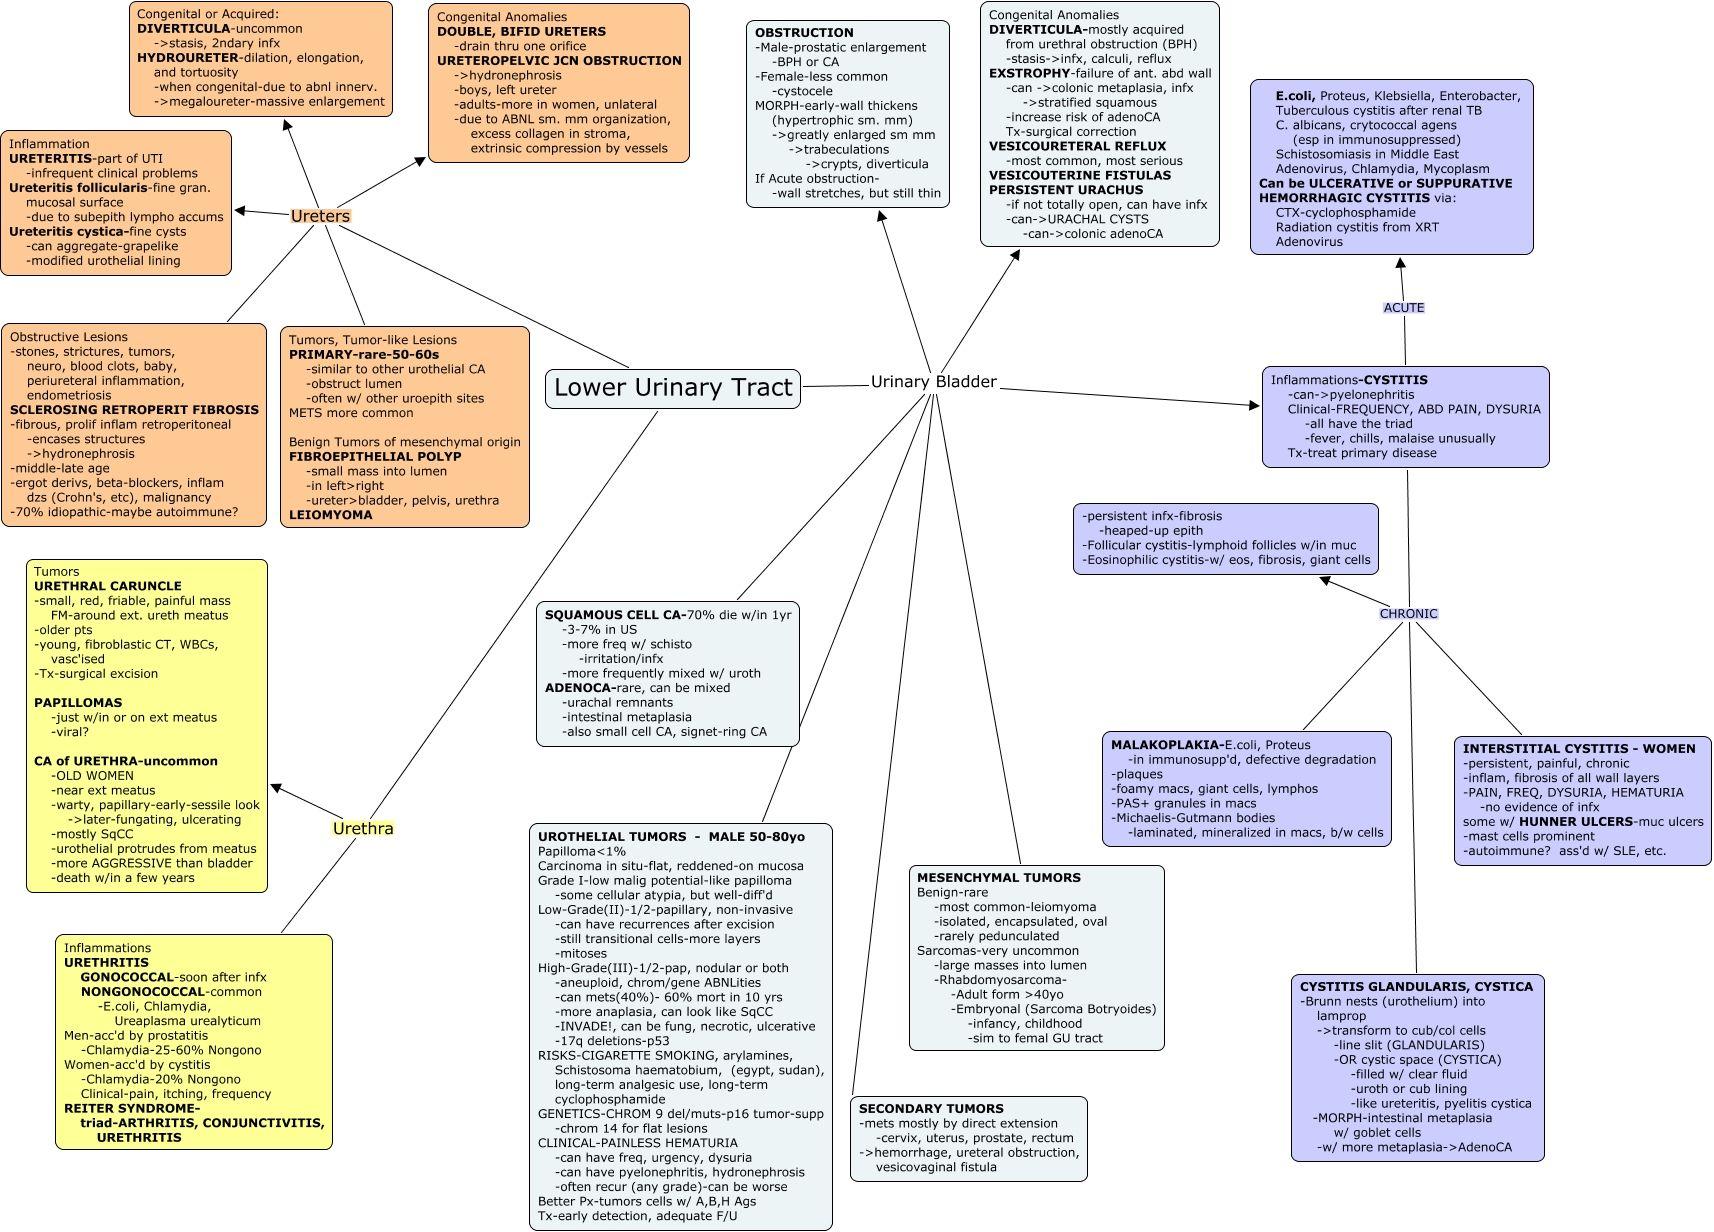 Urinary Bladder Pathophysiology | Icu nursing, Nursing ...